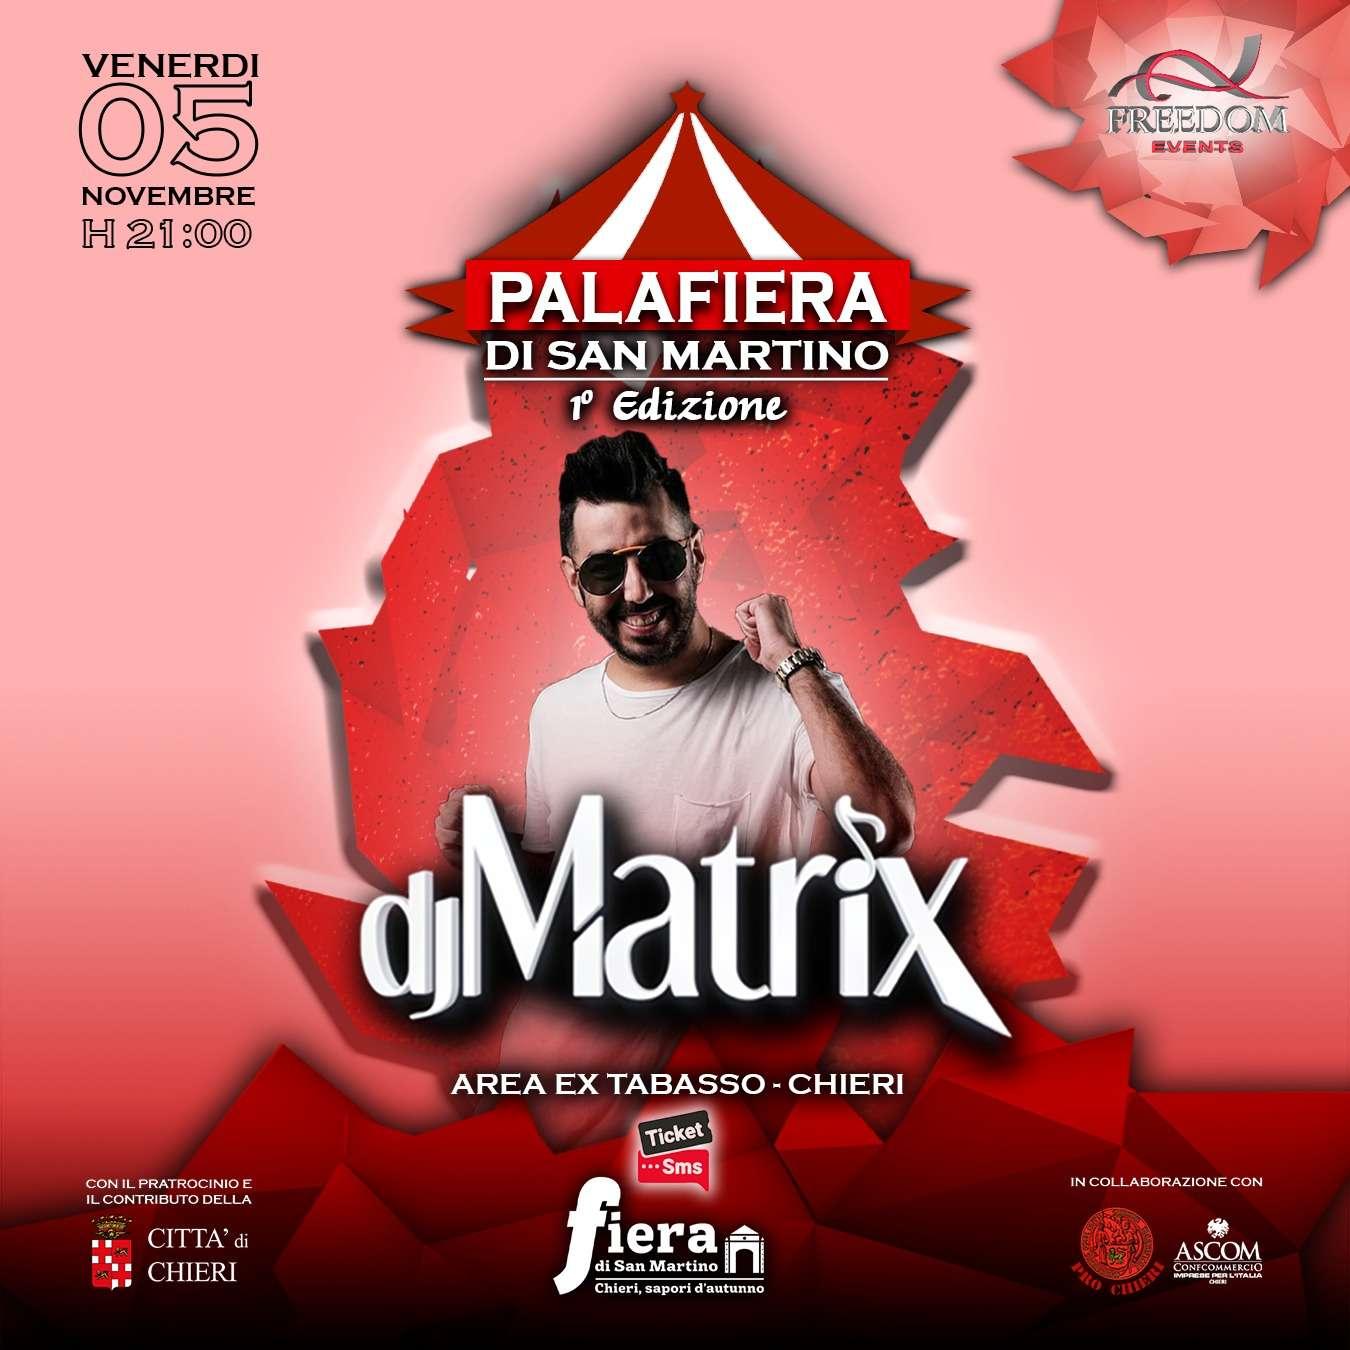 DJ MATRIX - AREA EX TABASSO CHIERI AREA TABASSO  / TO